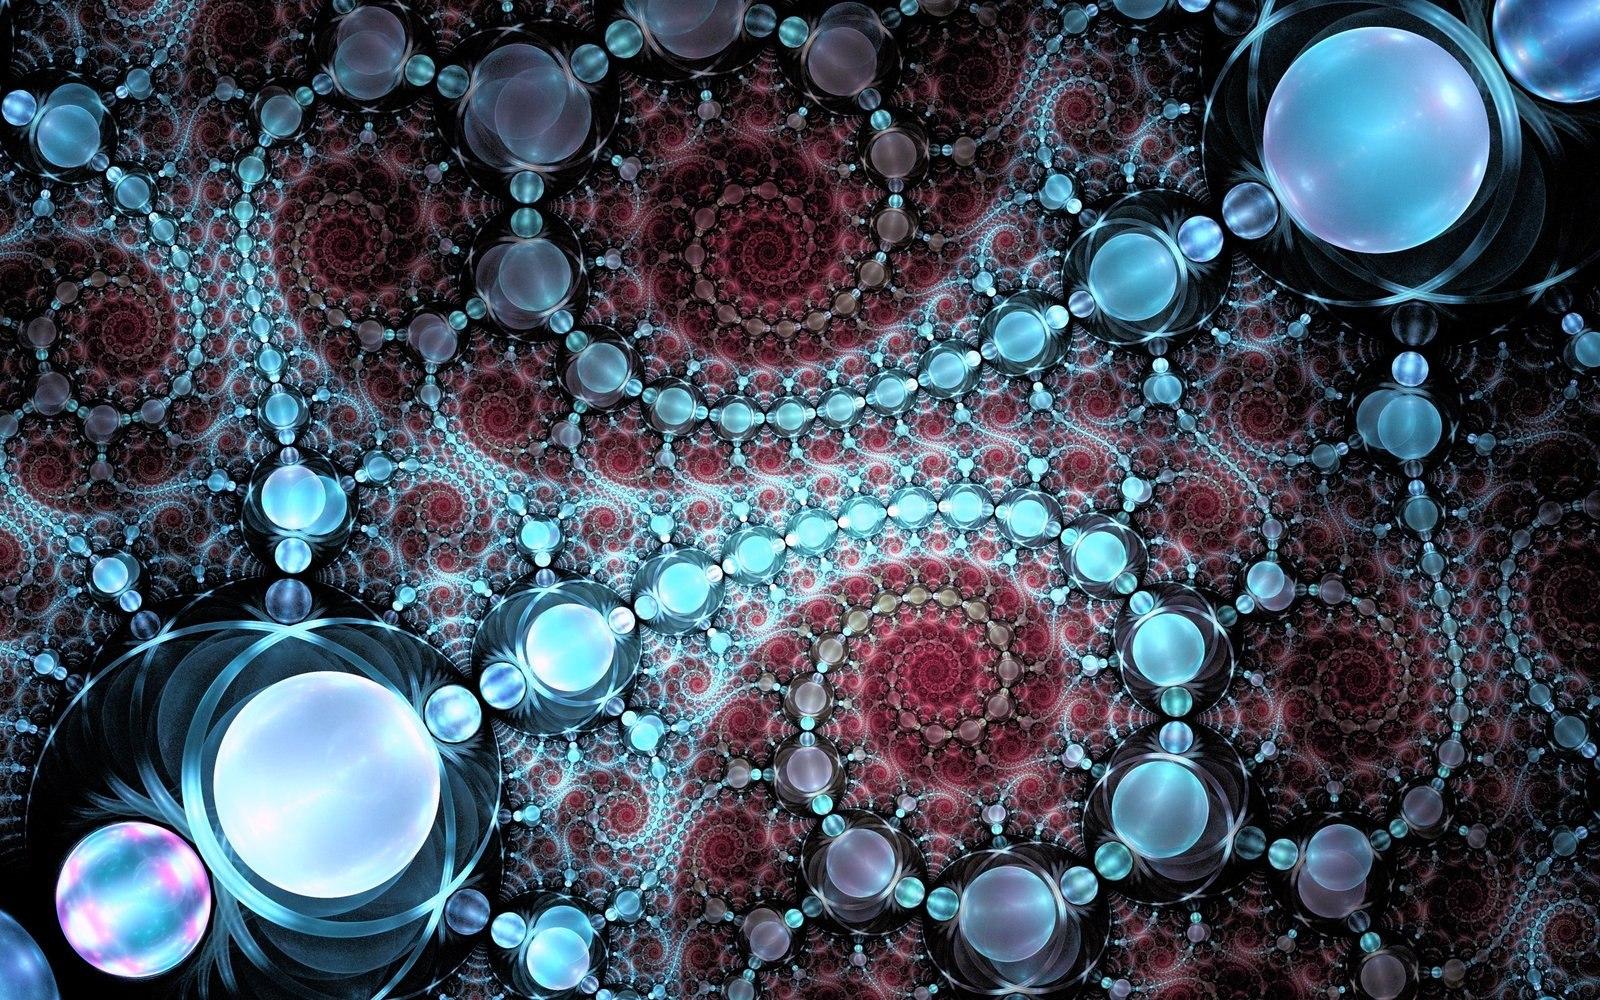 Fractal Wallpaper 7   1600 X 1000 stmednet 1600x1000